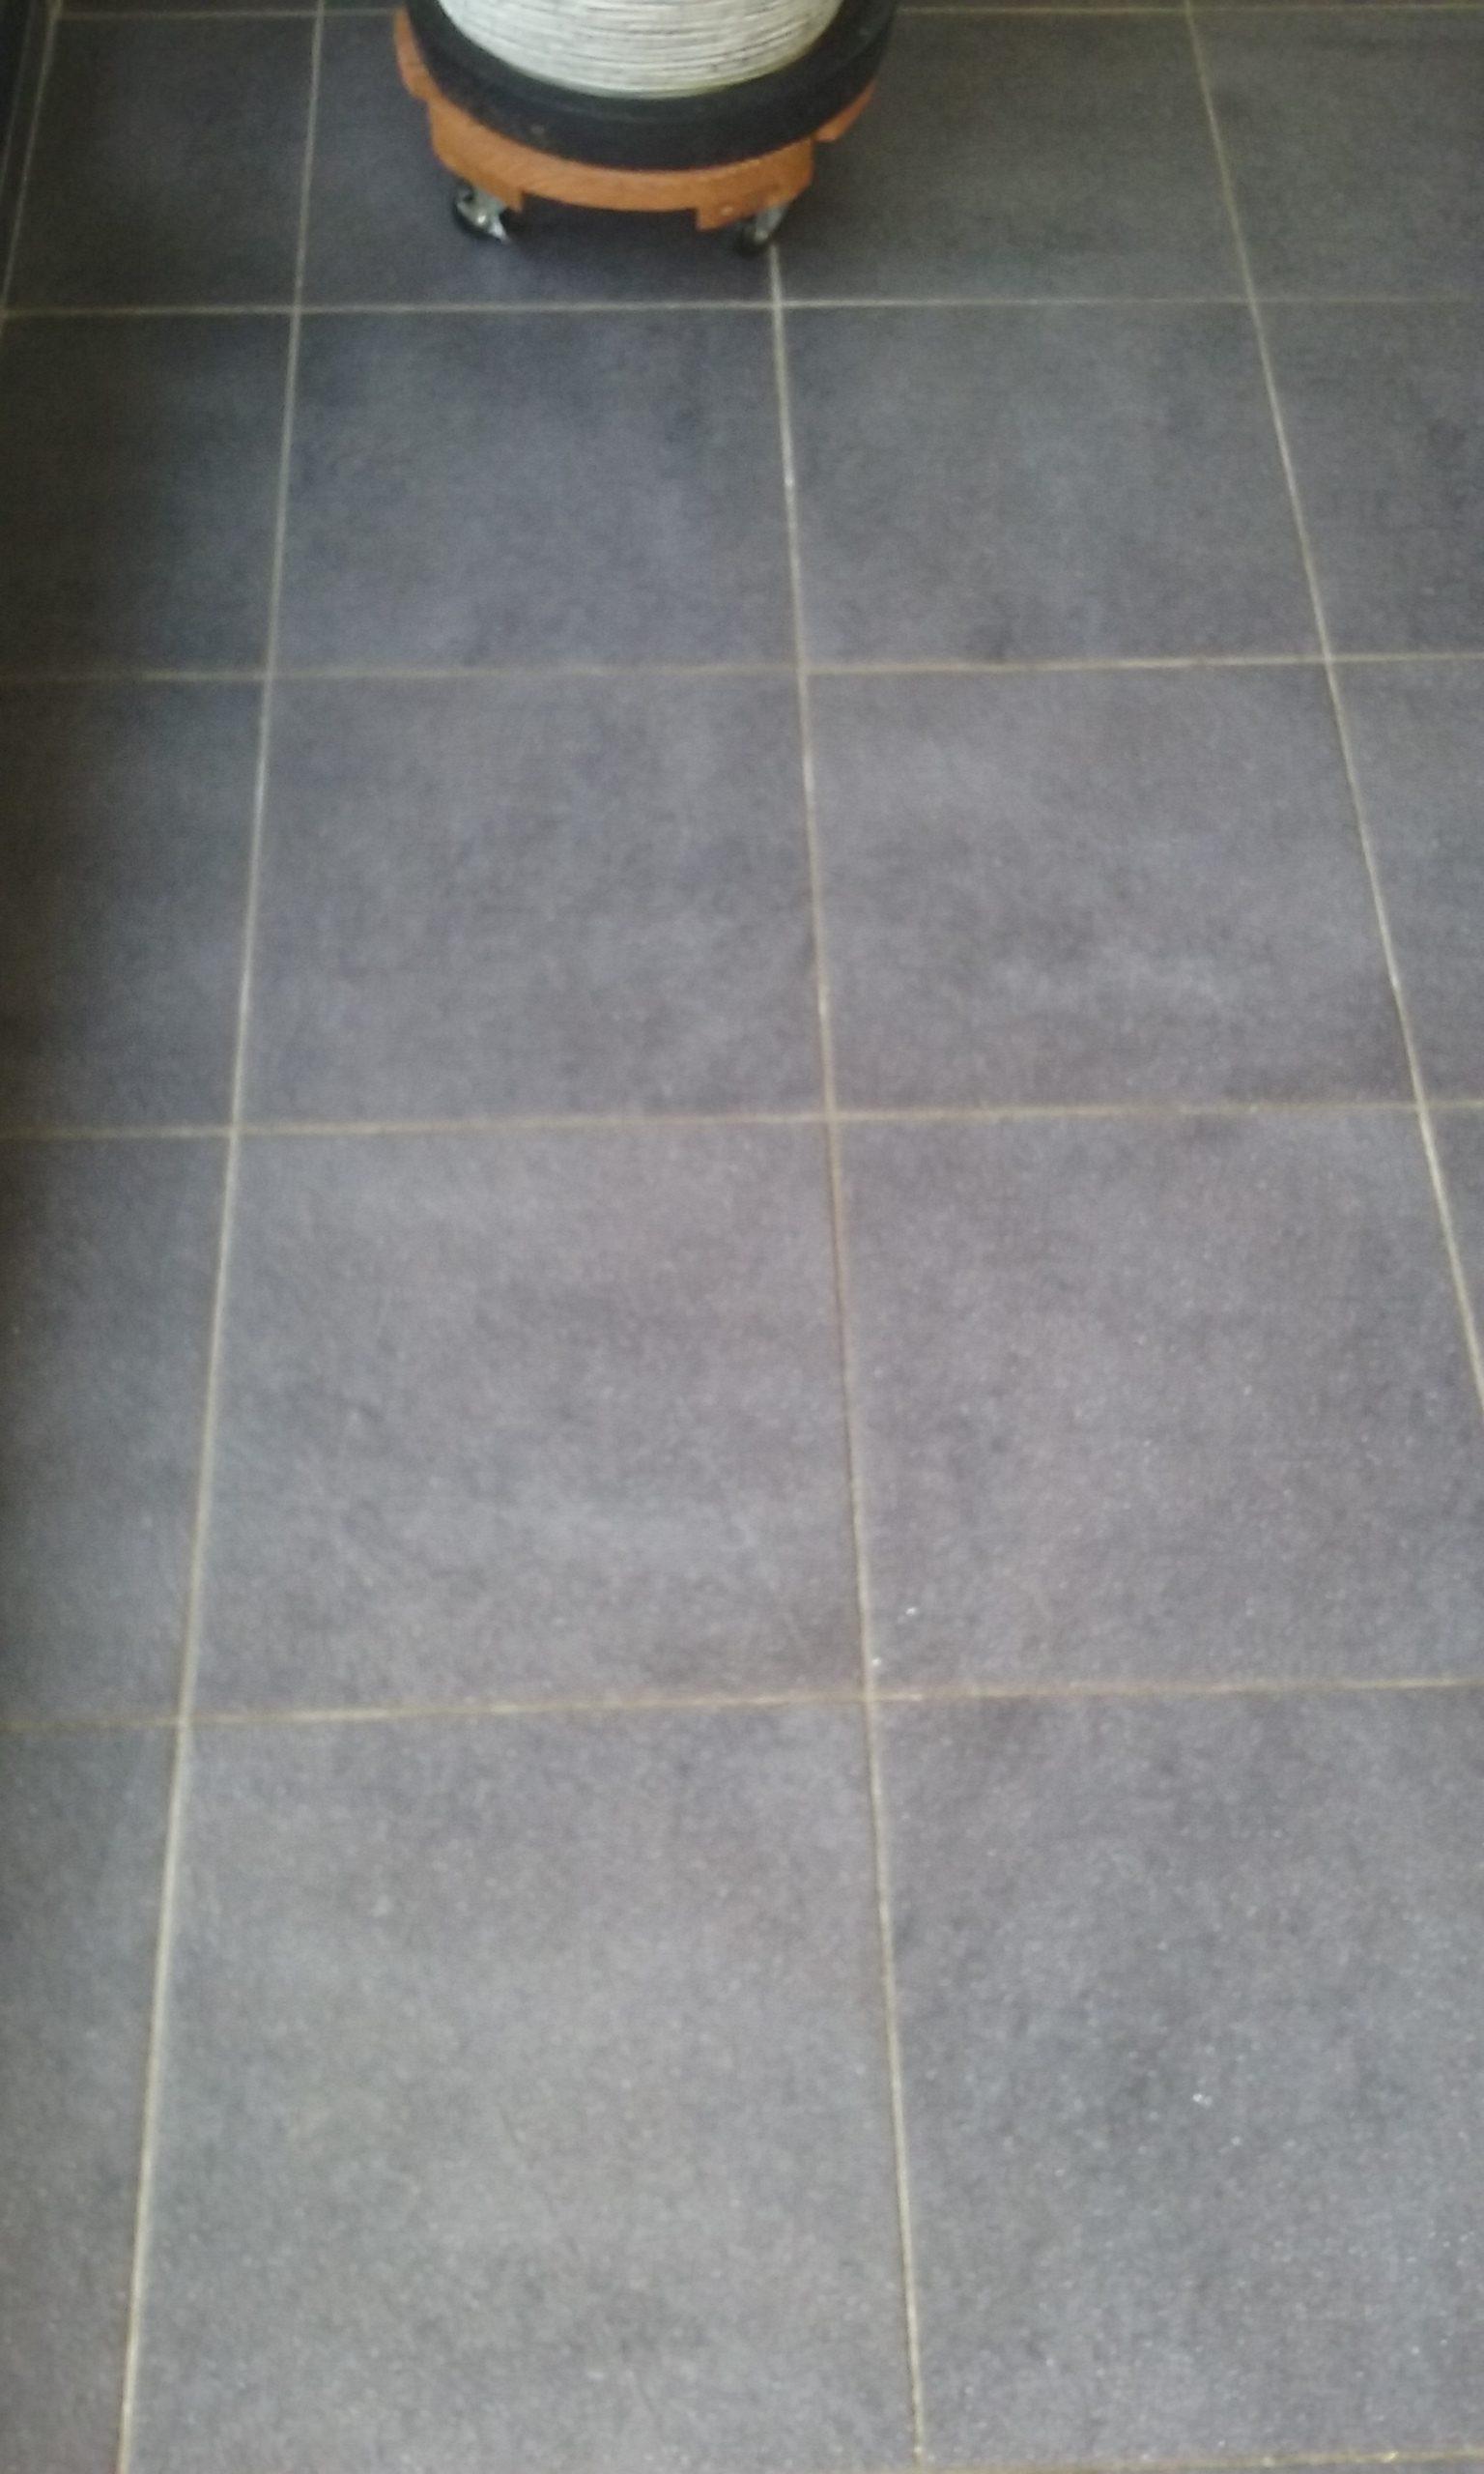 Nettoyant Joint De Carrelage nettoyer joints de carrelage – leovida, le blog